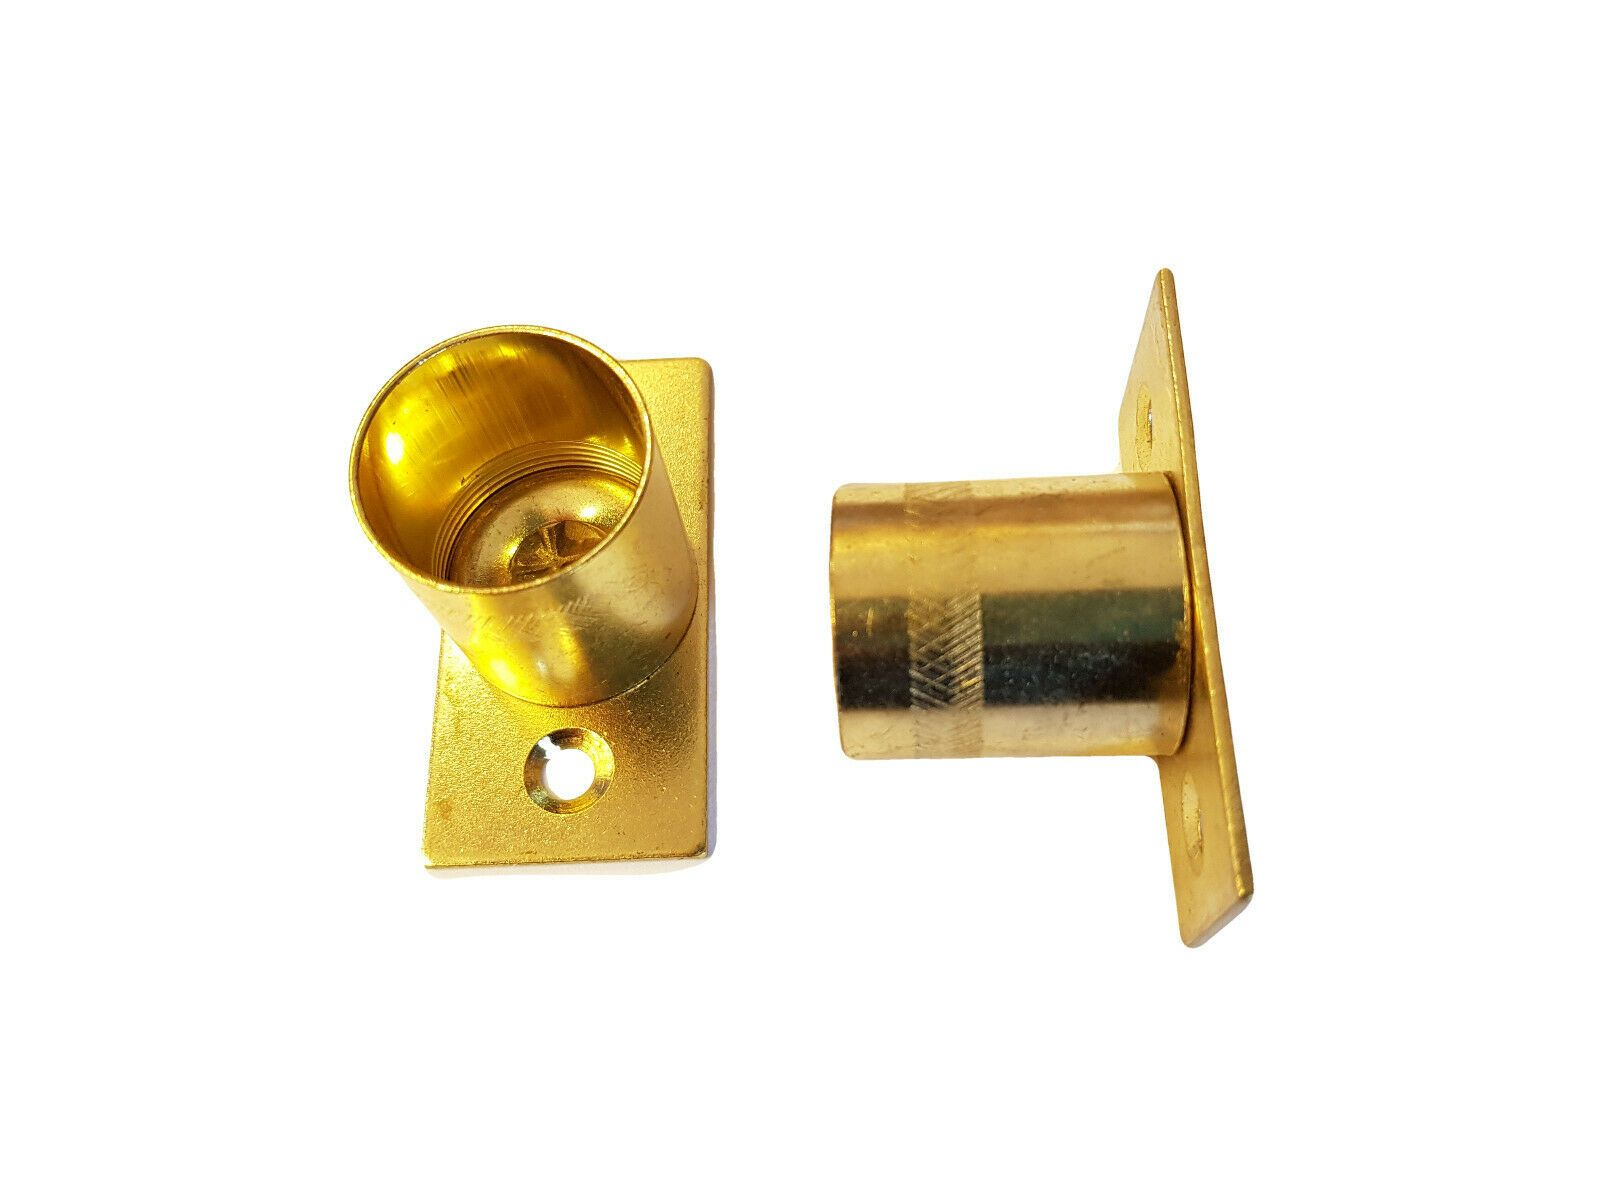 2 Brass Curtain Rod Recess Brackets 20mm Pole Support Brackets Net Voile Socket